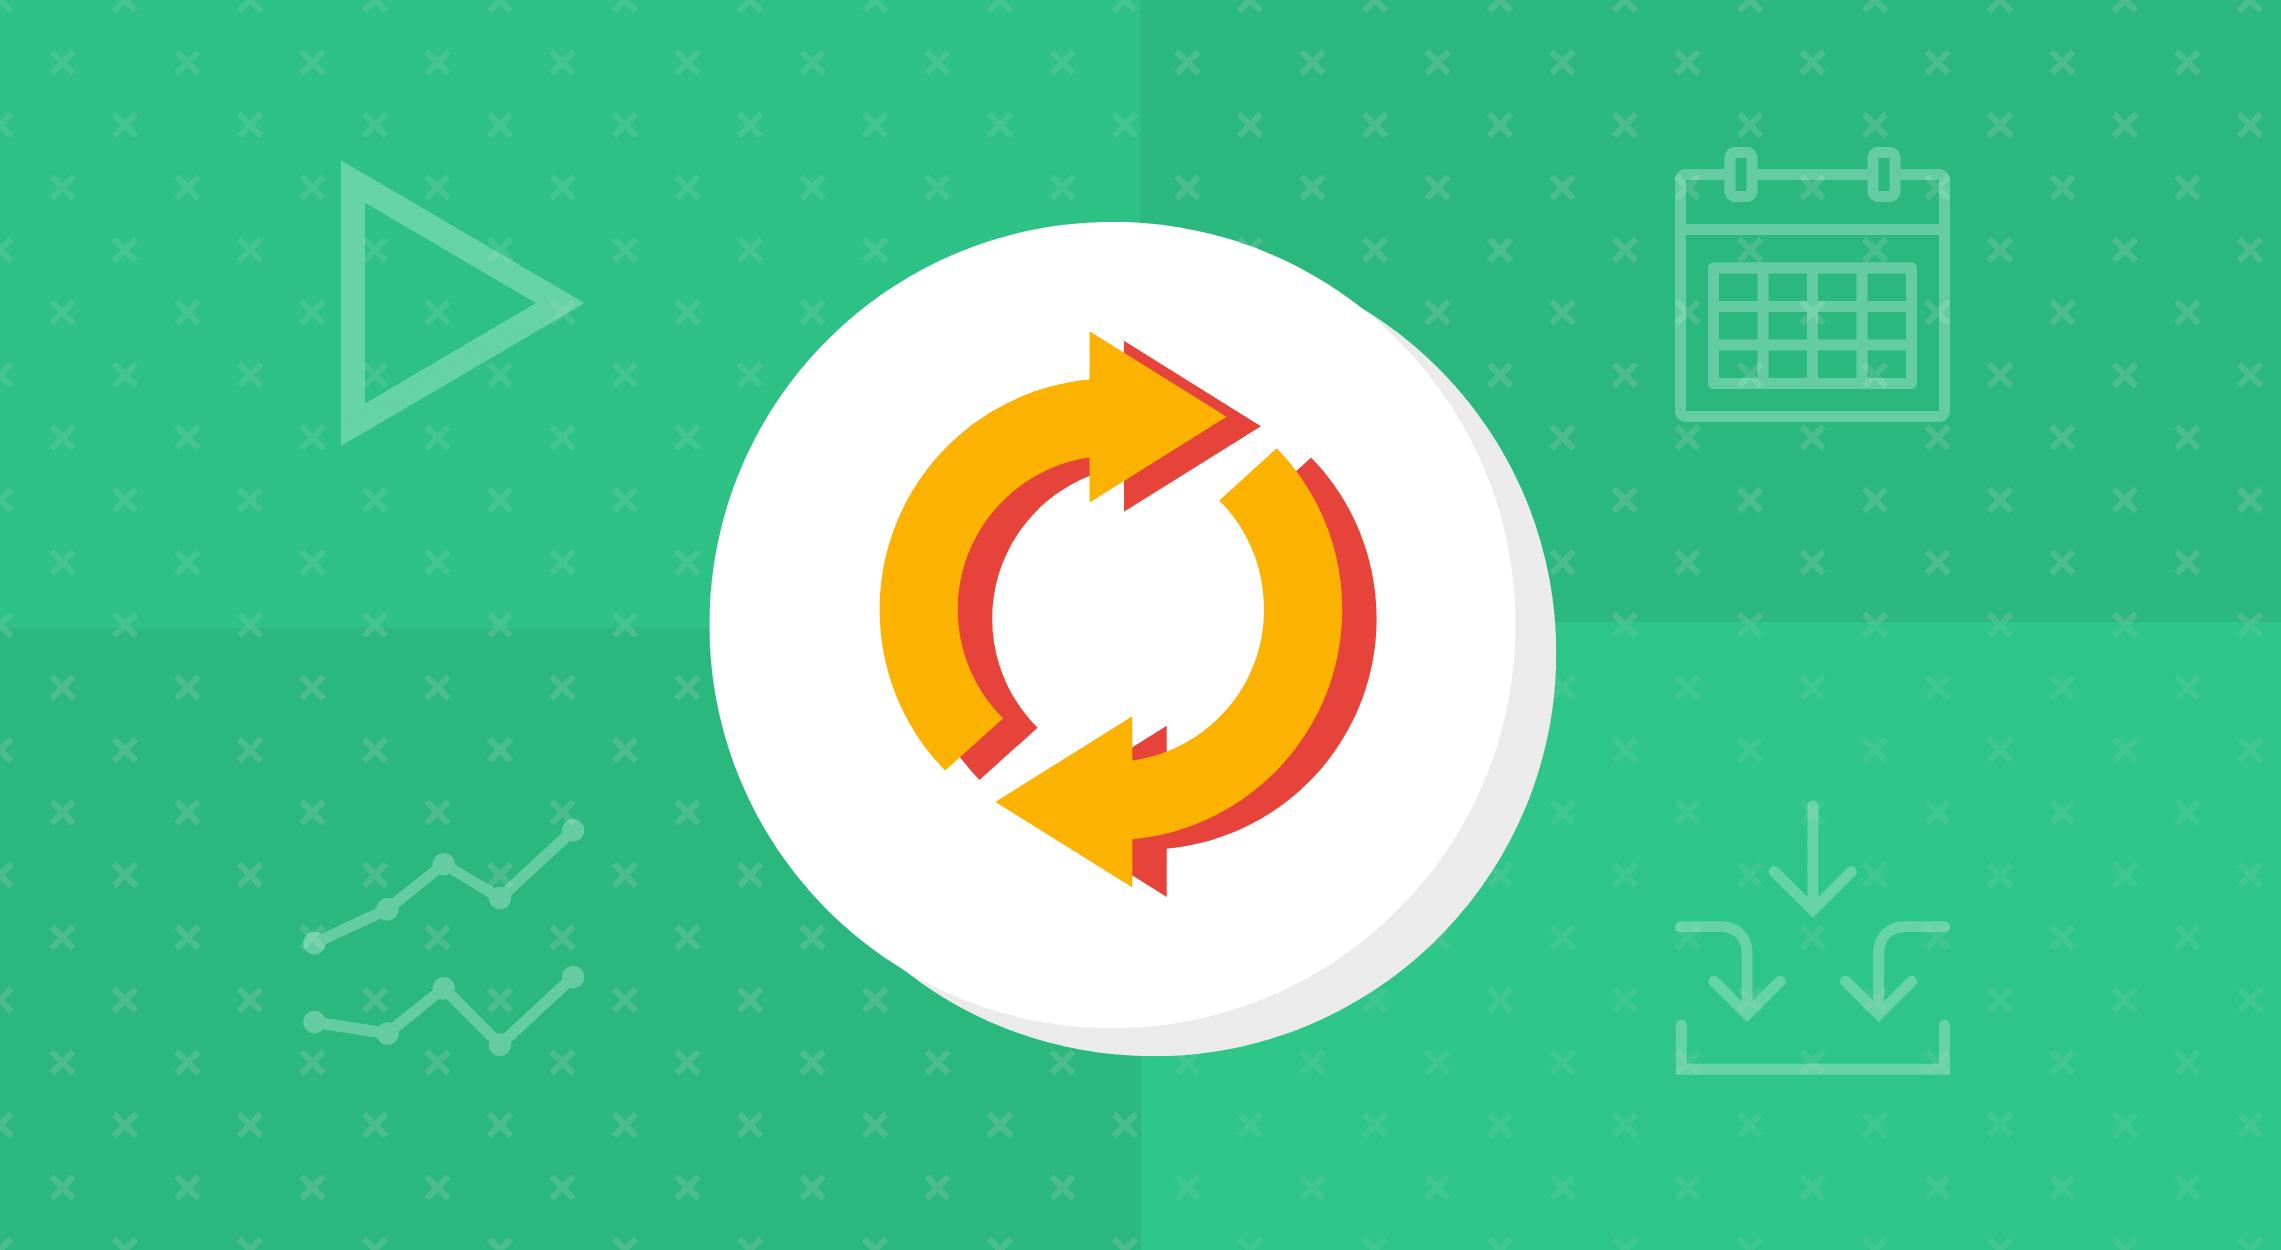 ciclo de vida de um projeto